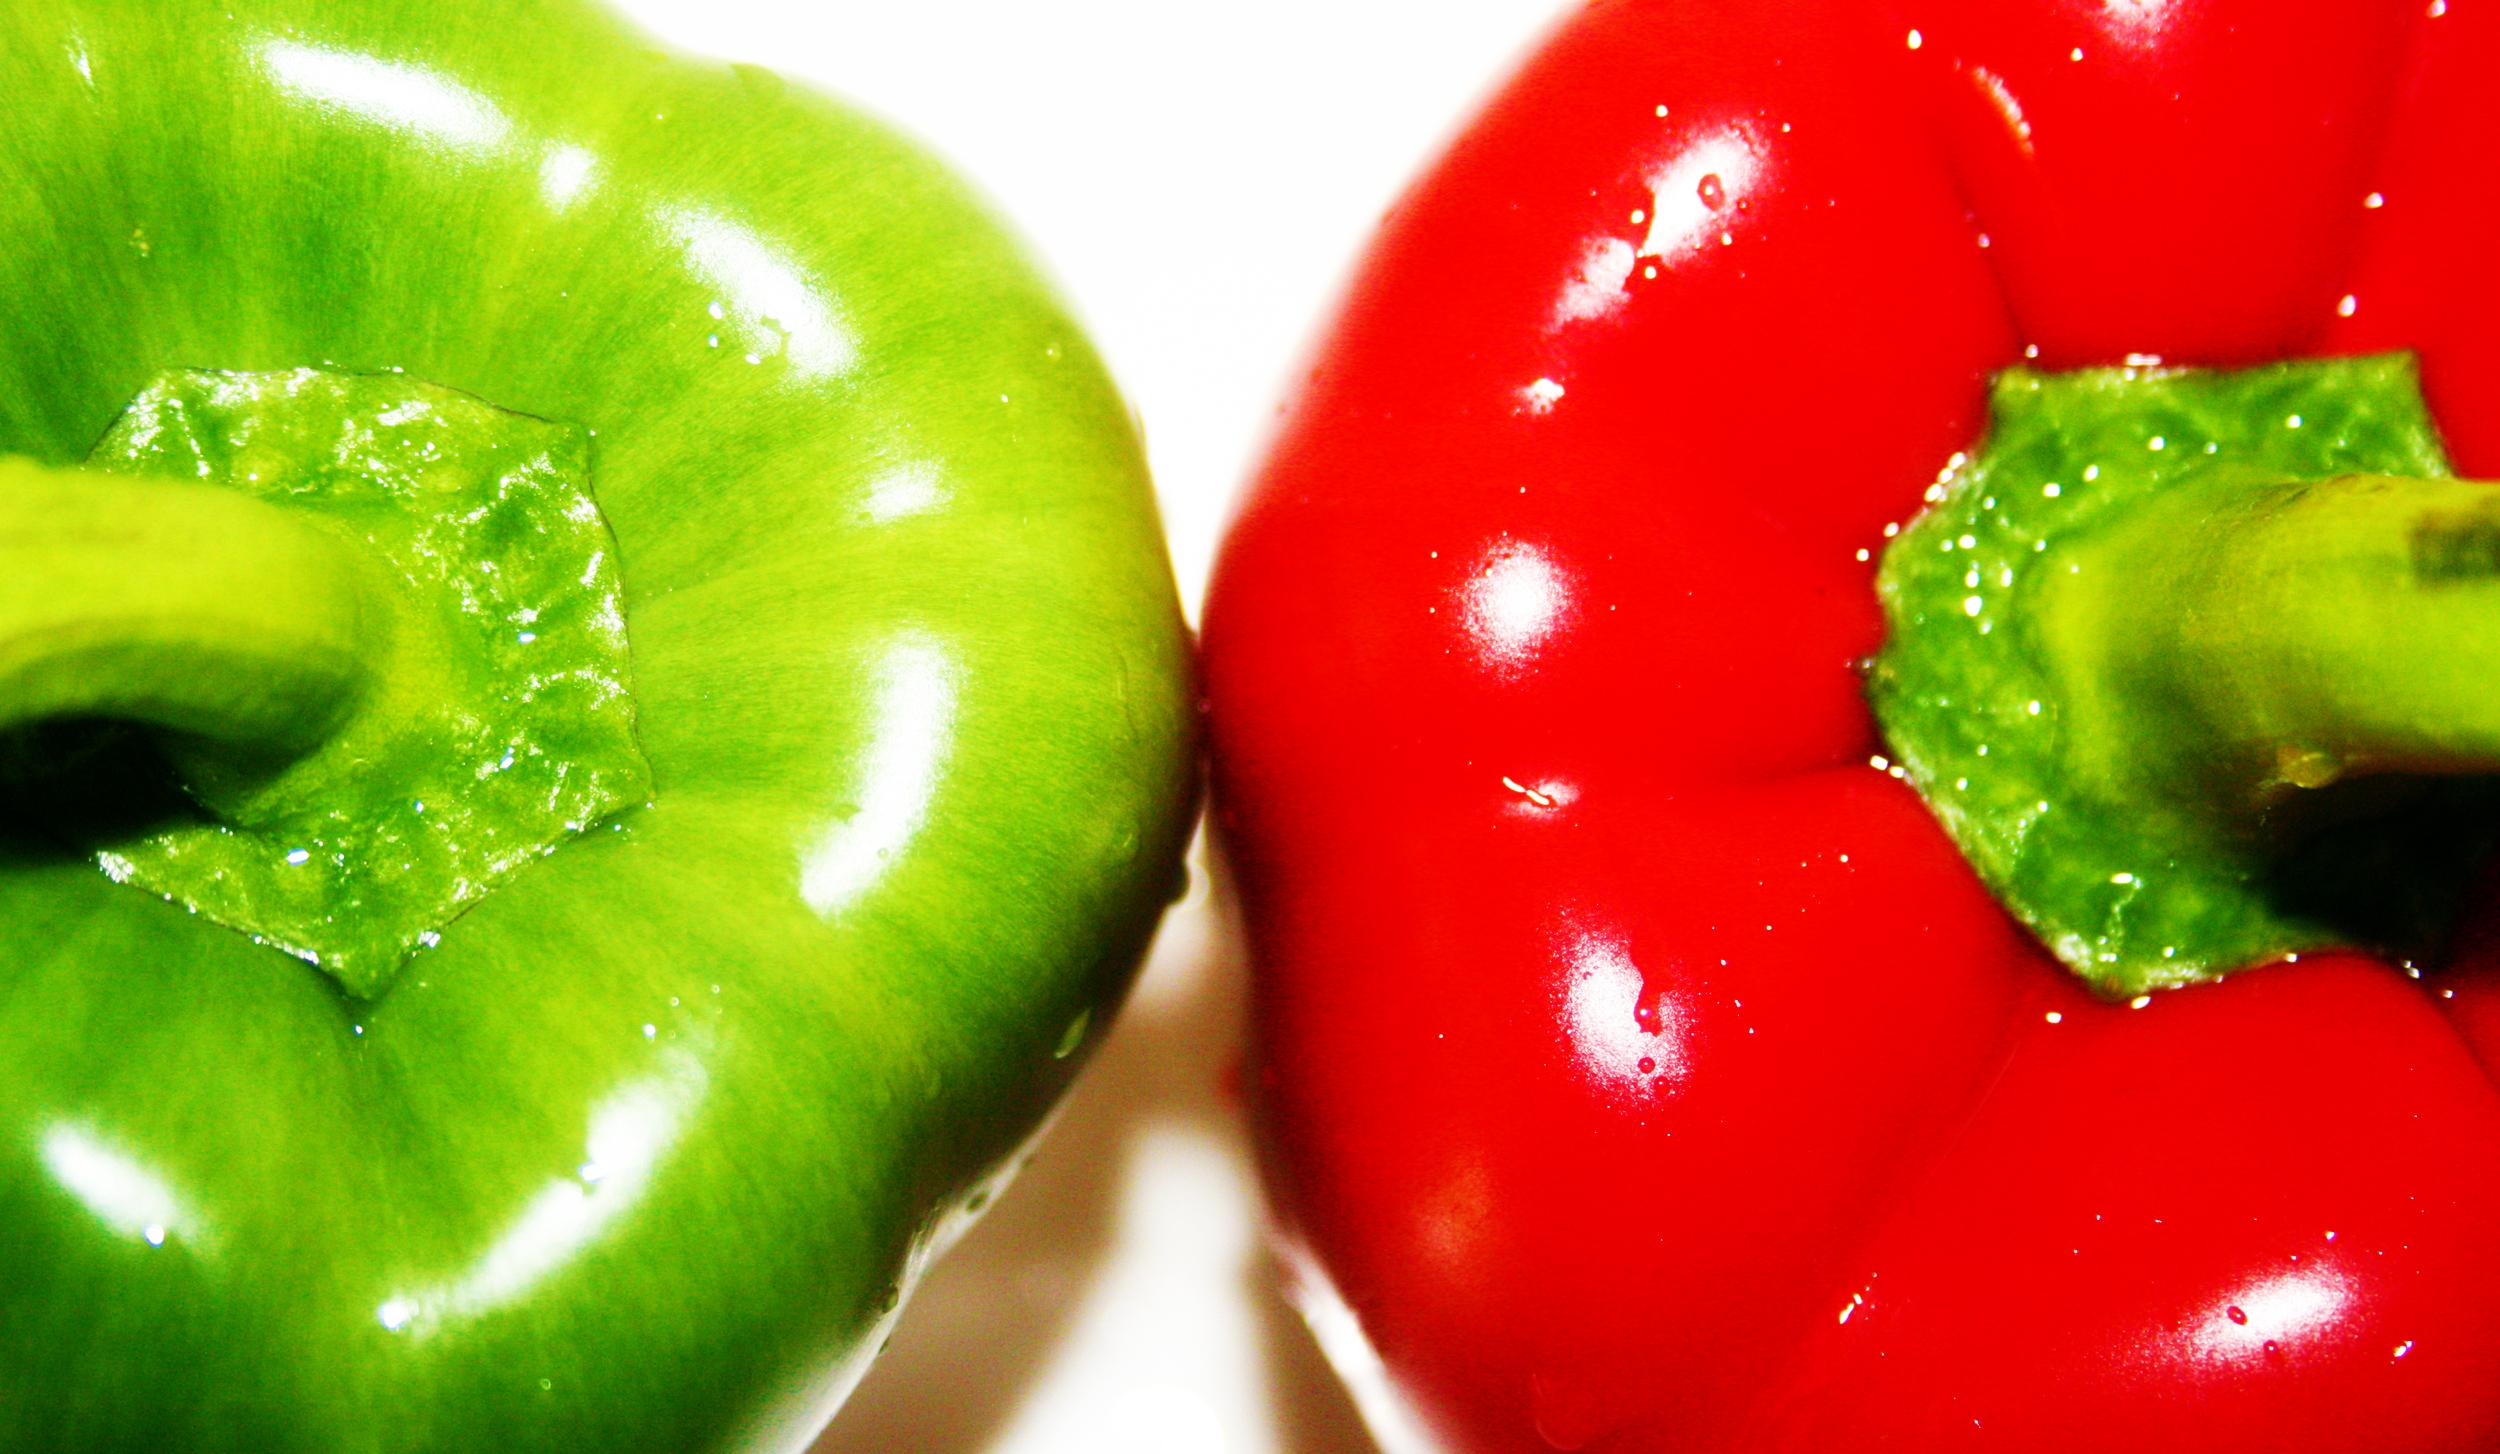 Gesund essen – Wie kannst Du einfach besser essen?